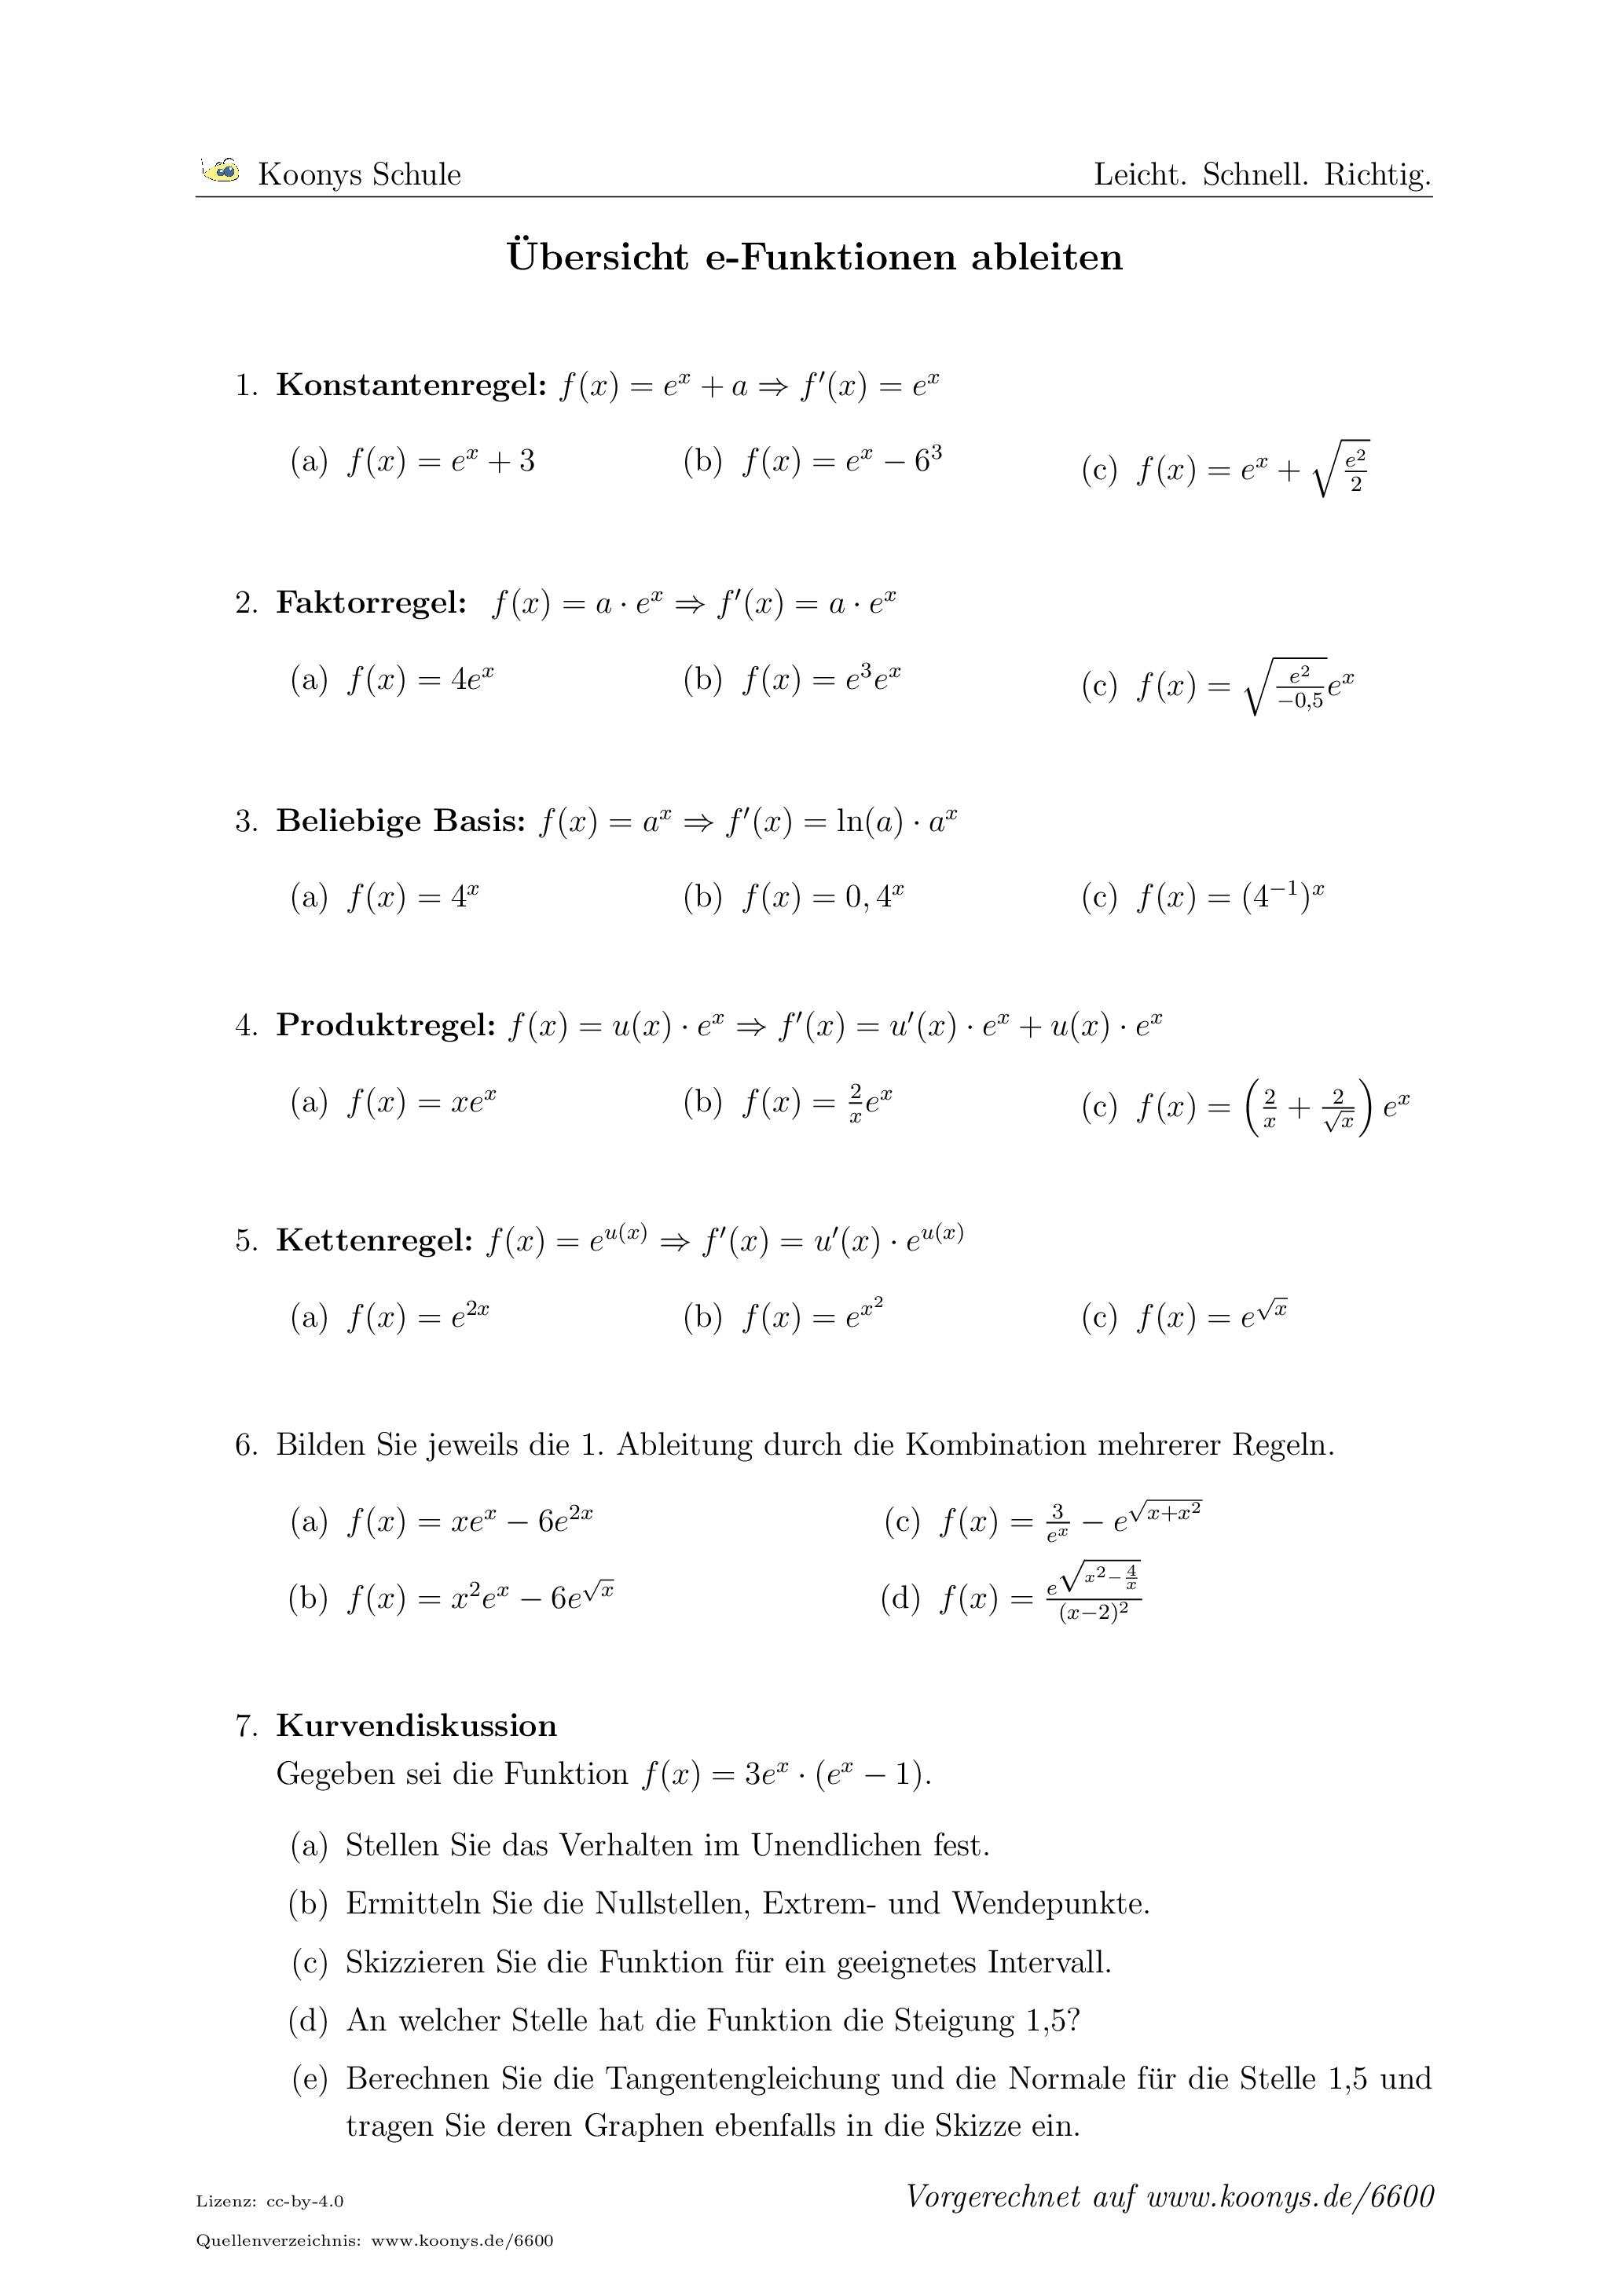 Aufgaben Übersicht e-Funktionen ableiten mit Lösungen | Koonys ...